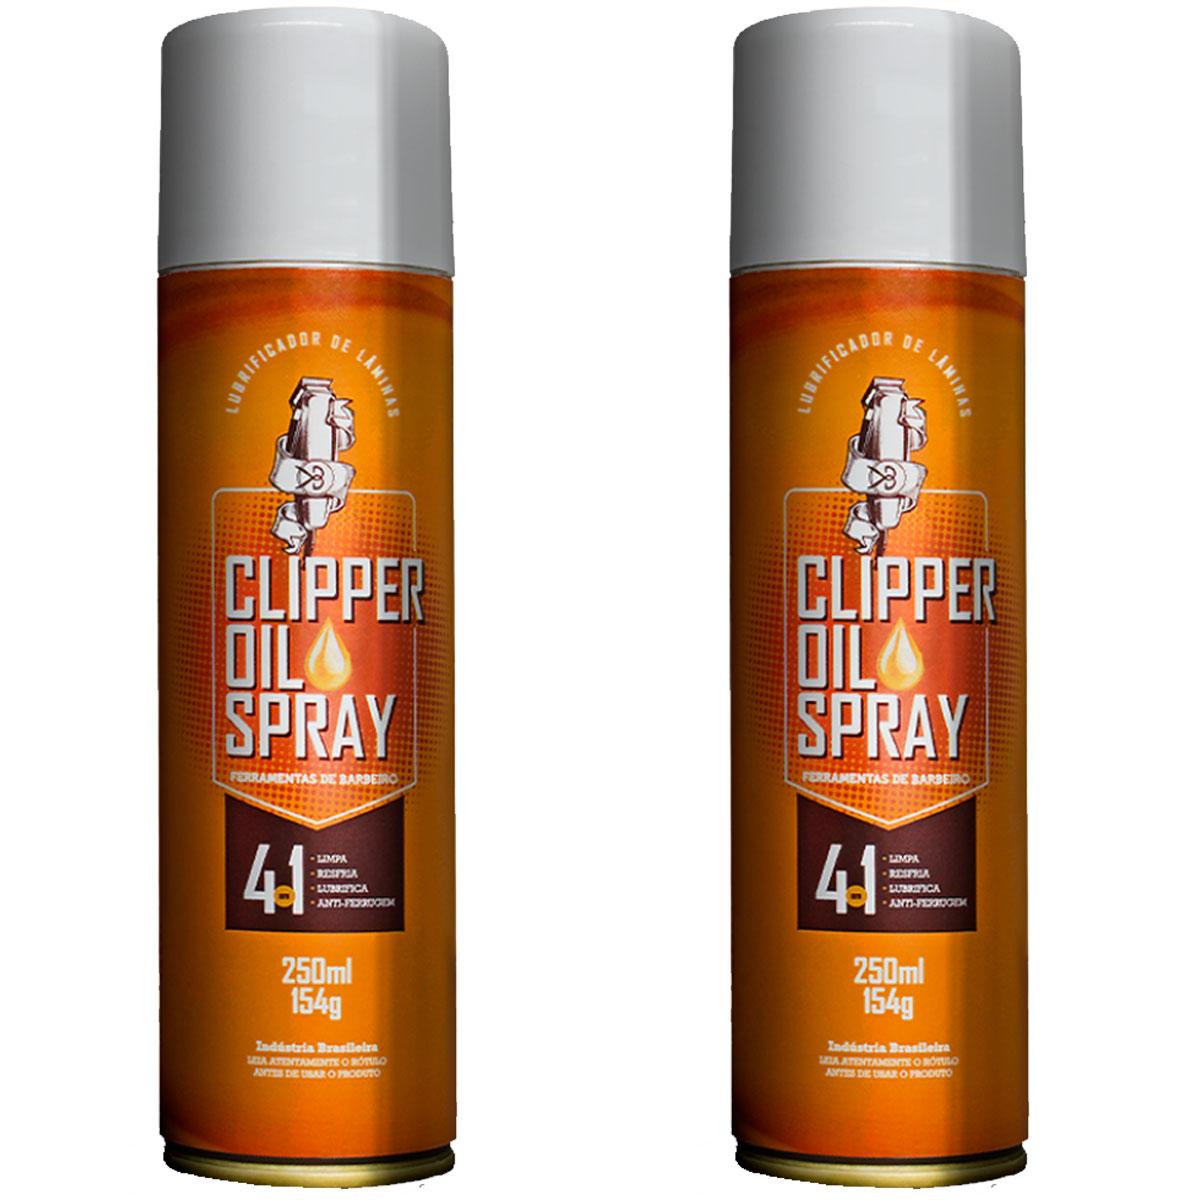 Kit 2 Clipper Oil Spray Lubrificante Para Máquinas De Cortar Ferramentas De Barbeiro - 250ml